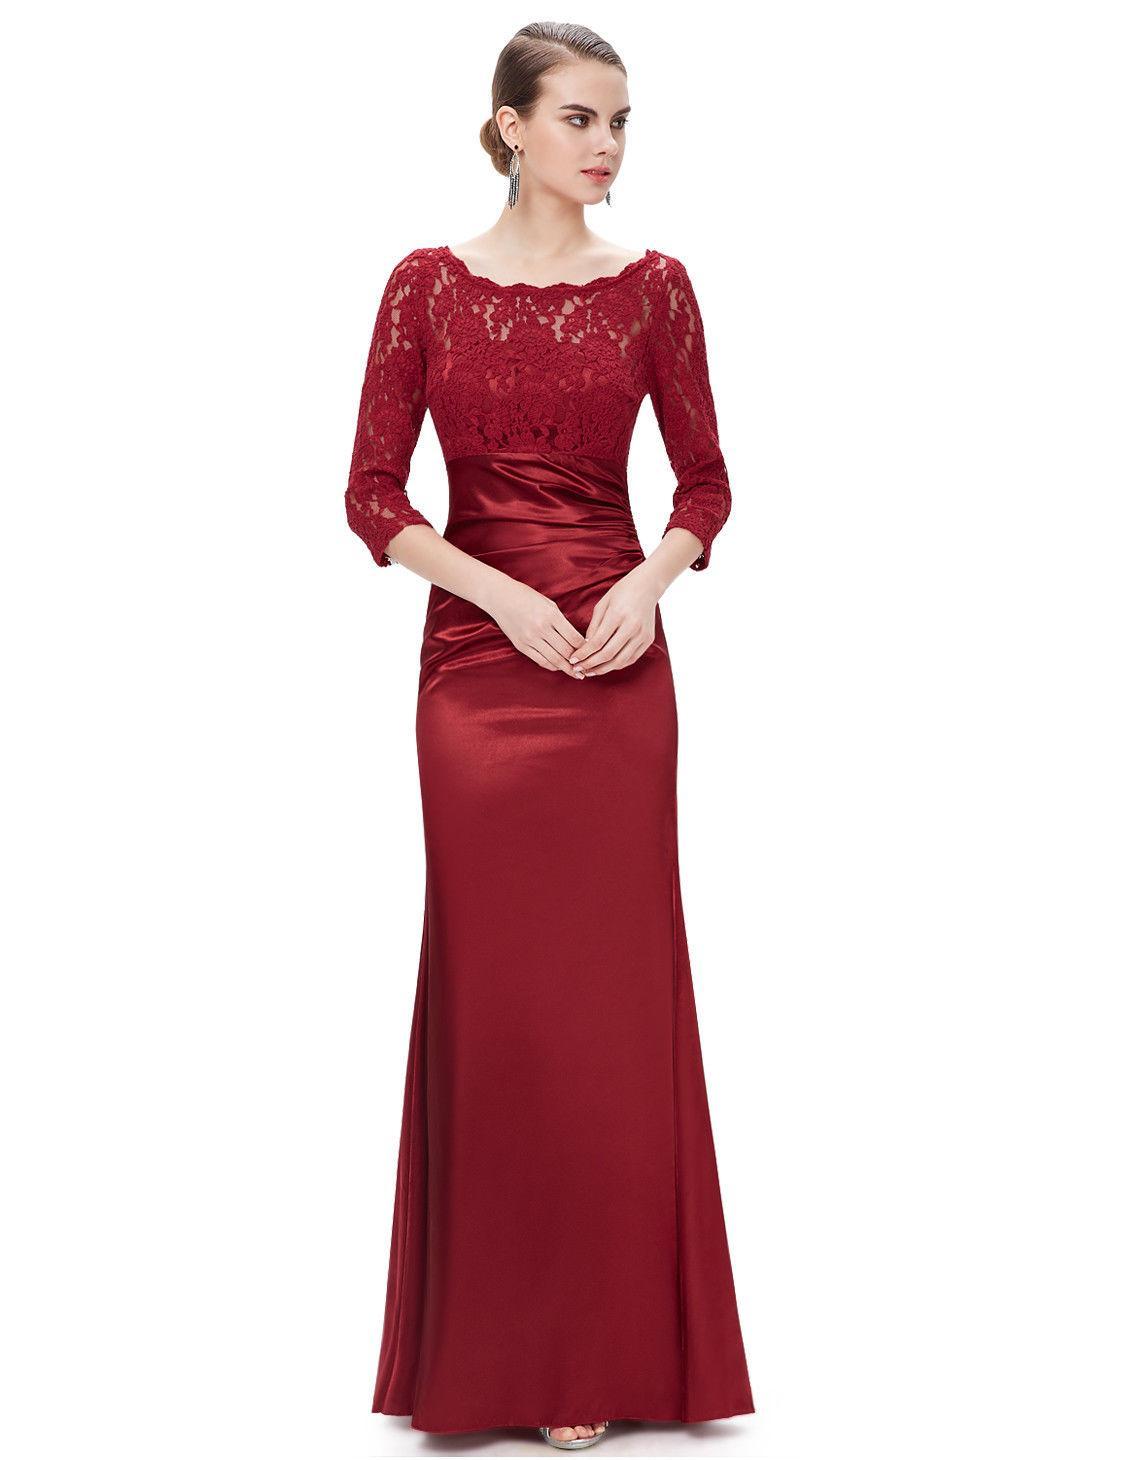 Spoločenské šaty - skladom 1b6cea5e4d4